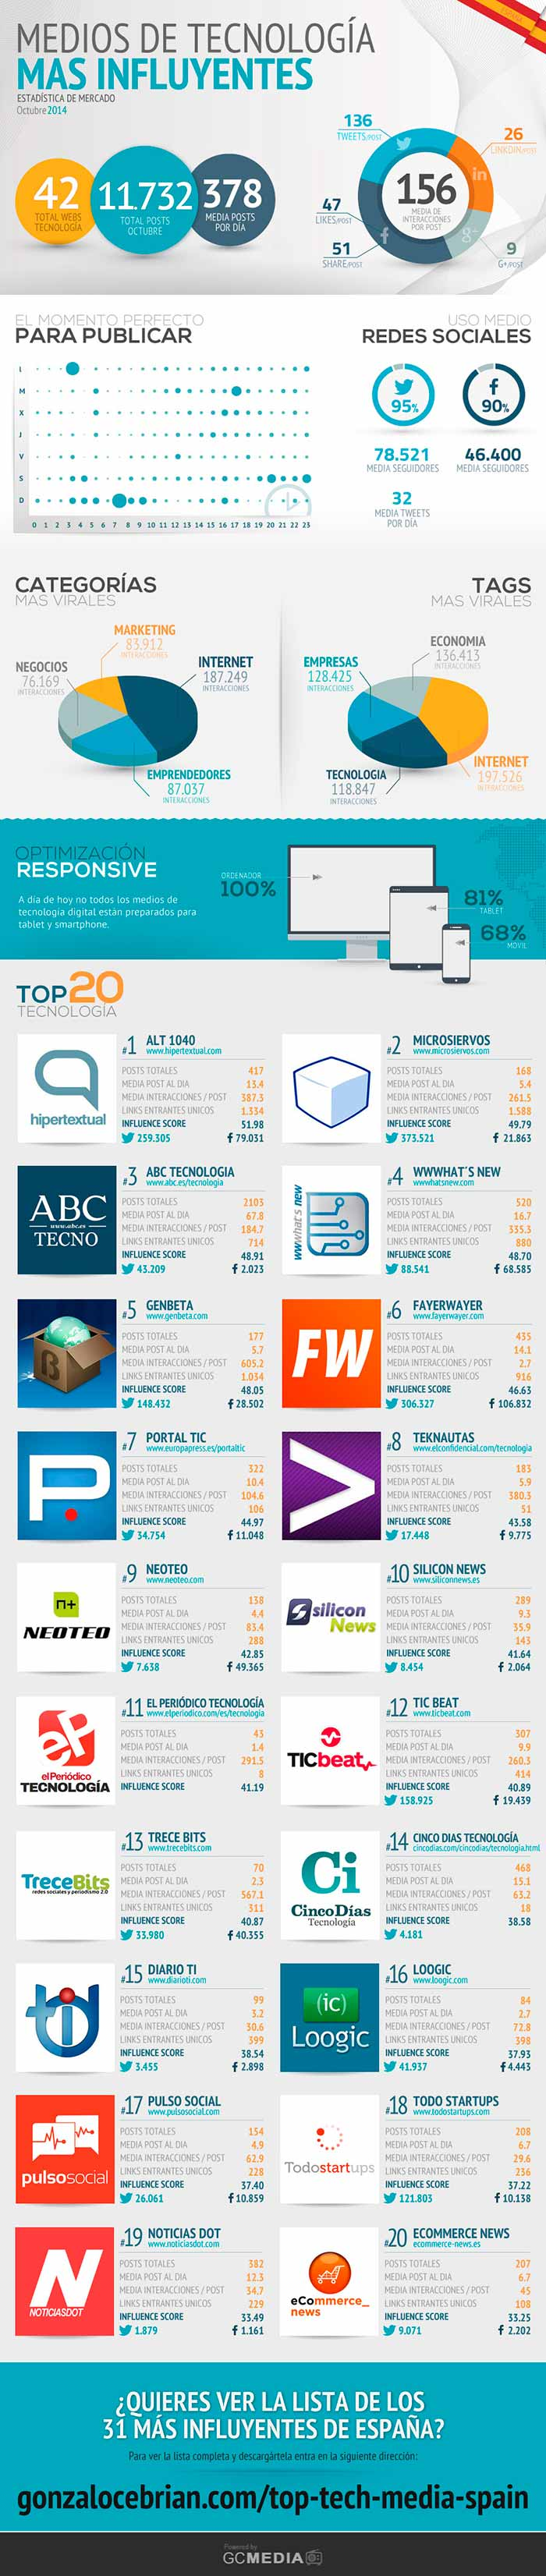 Infografia sobre los medios tecnologicos mas influyentes de España